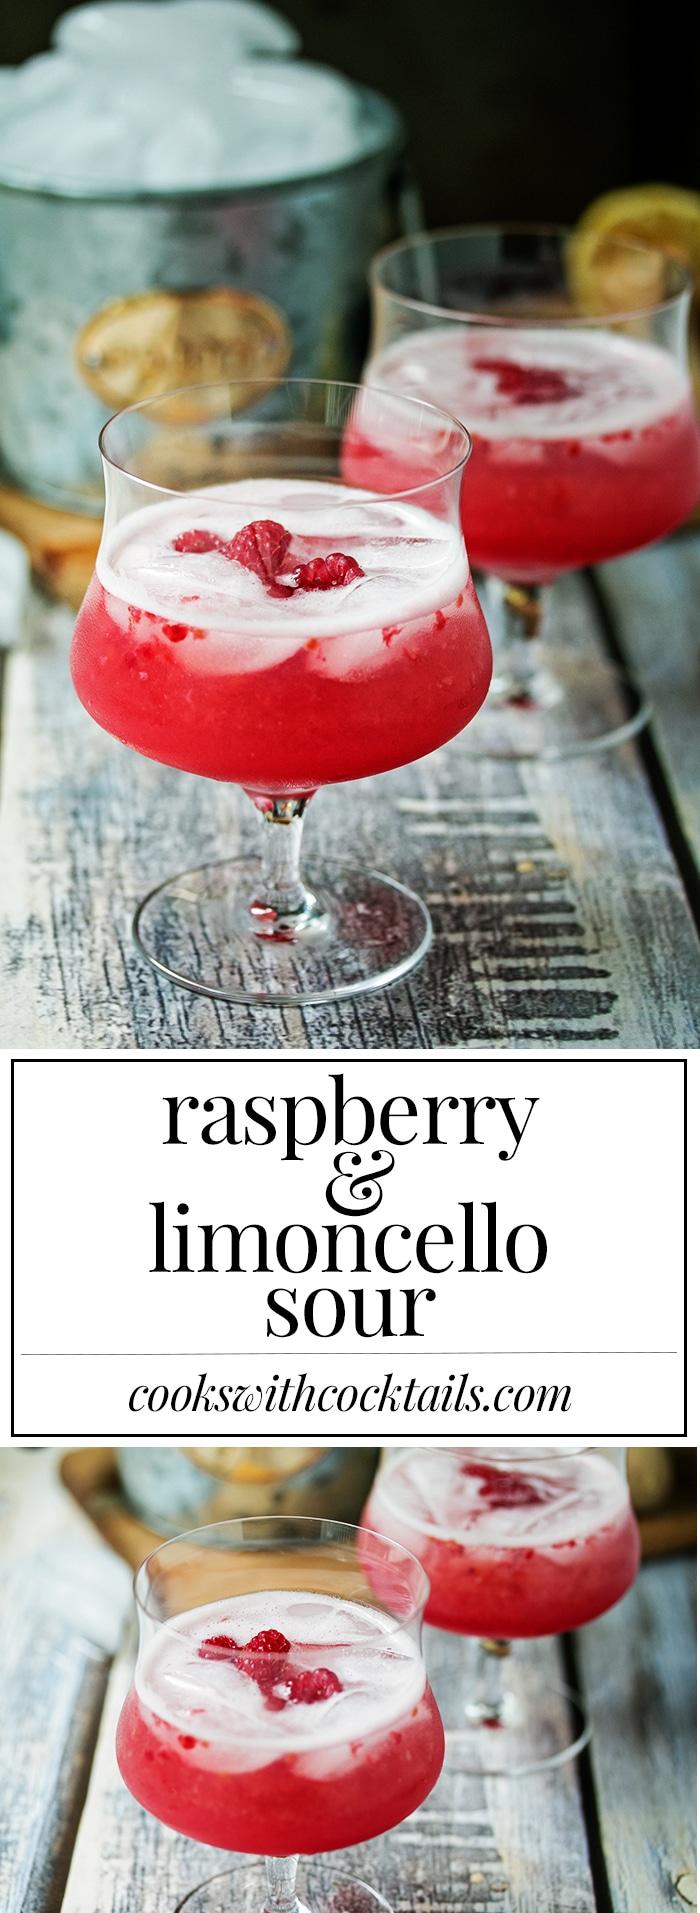 Raspberry & Limoncello Vodka Sour